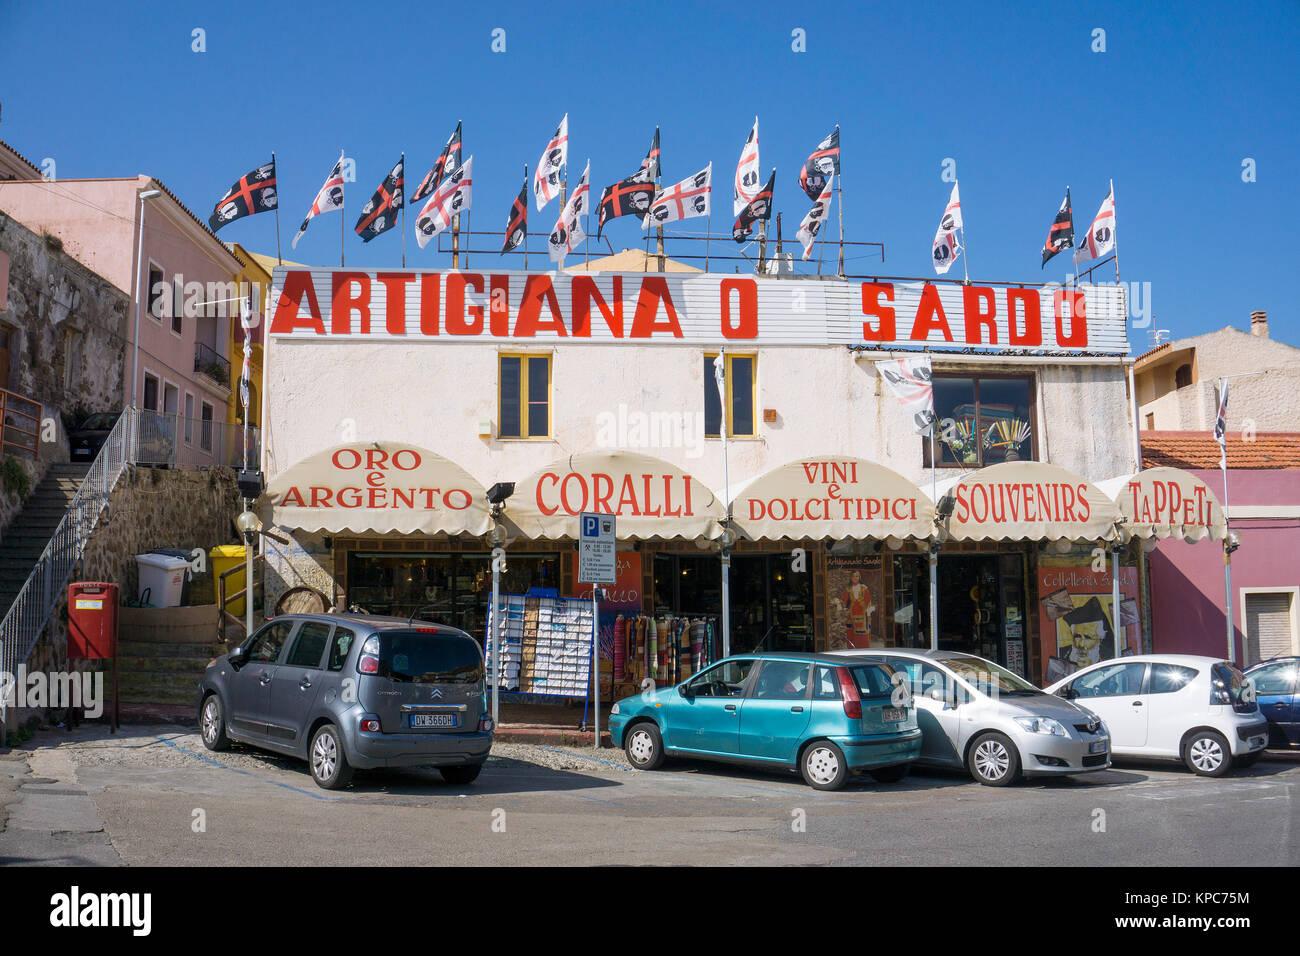 Sardische Fahnen auf dem Dach von einem Souvenirshop in Castelsardo, Sardinien, Italien, Mittelmeer, Europa   Sardinian Stock Photo